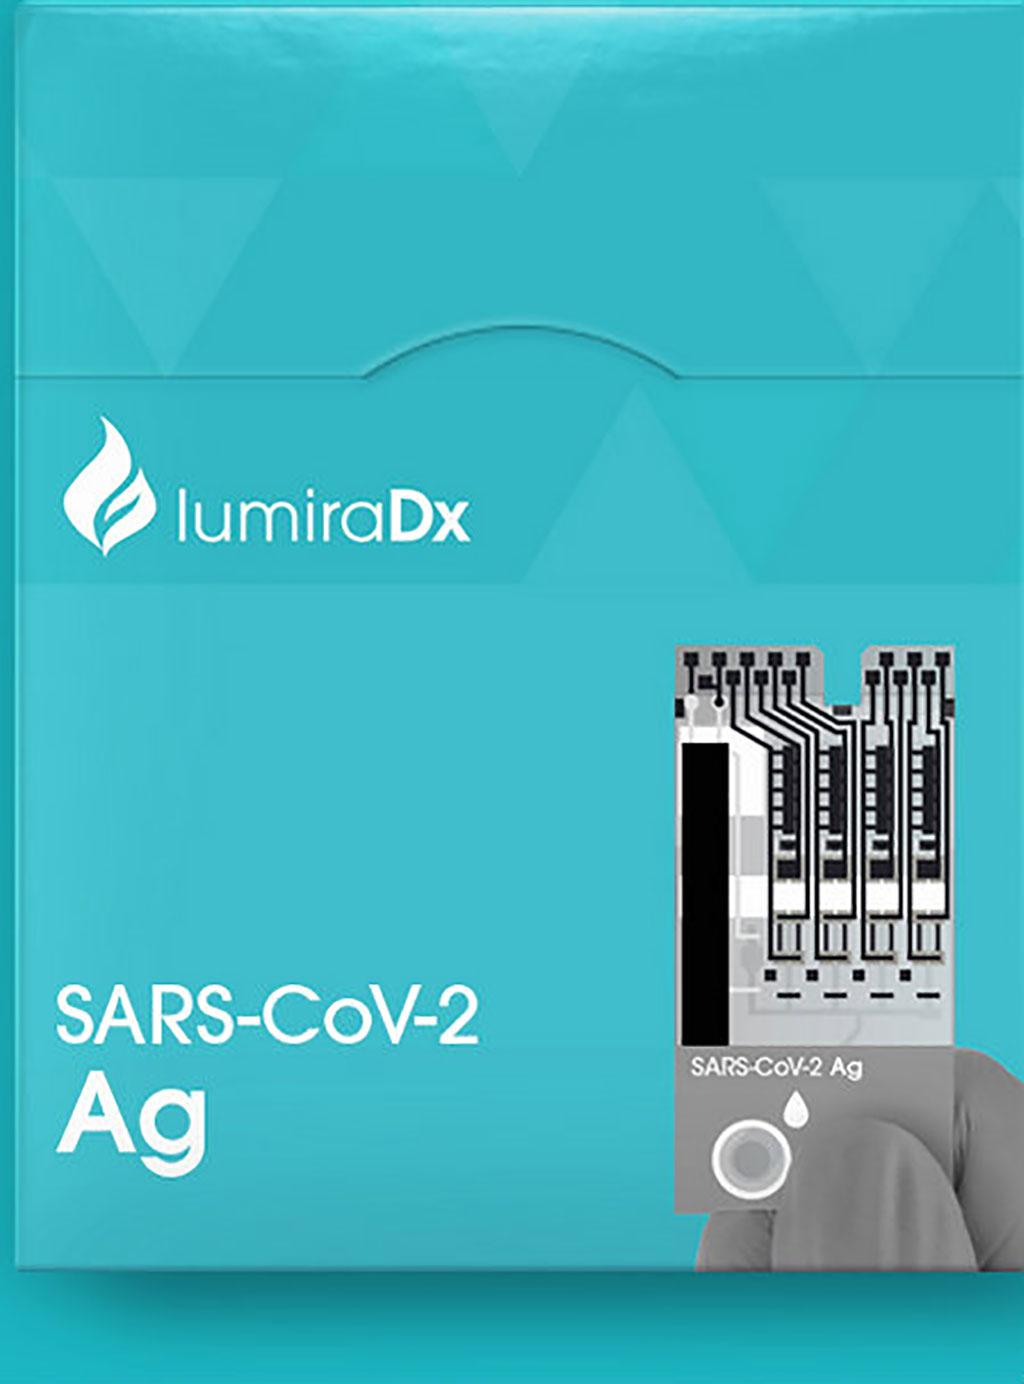 Image: LumiraDx SARS-CoV-2 Ag Test (Photo courtesy of LumiraDx)